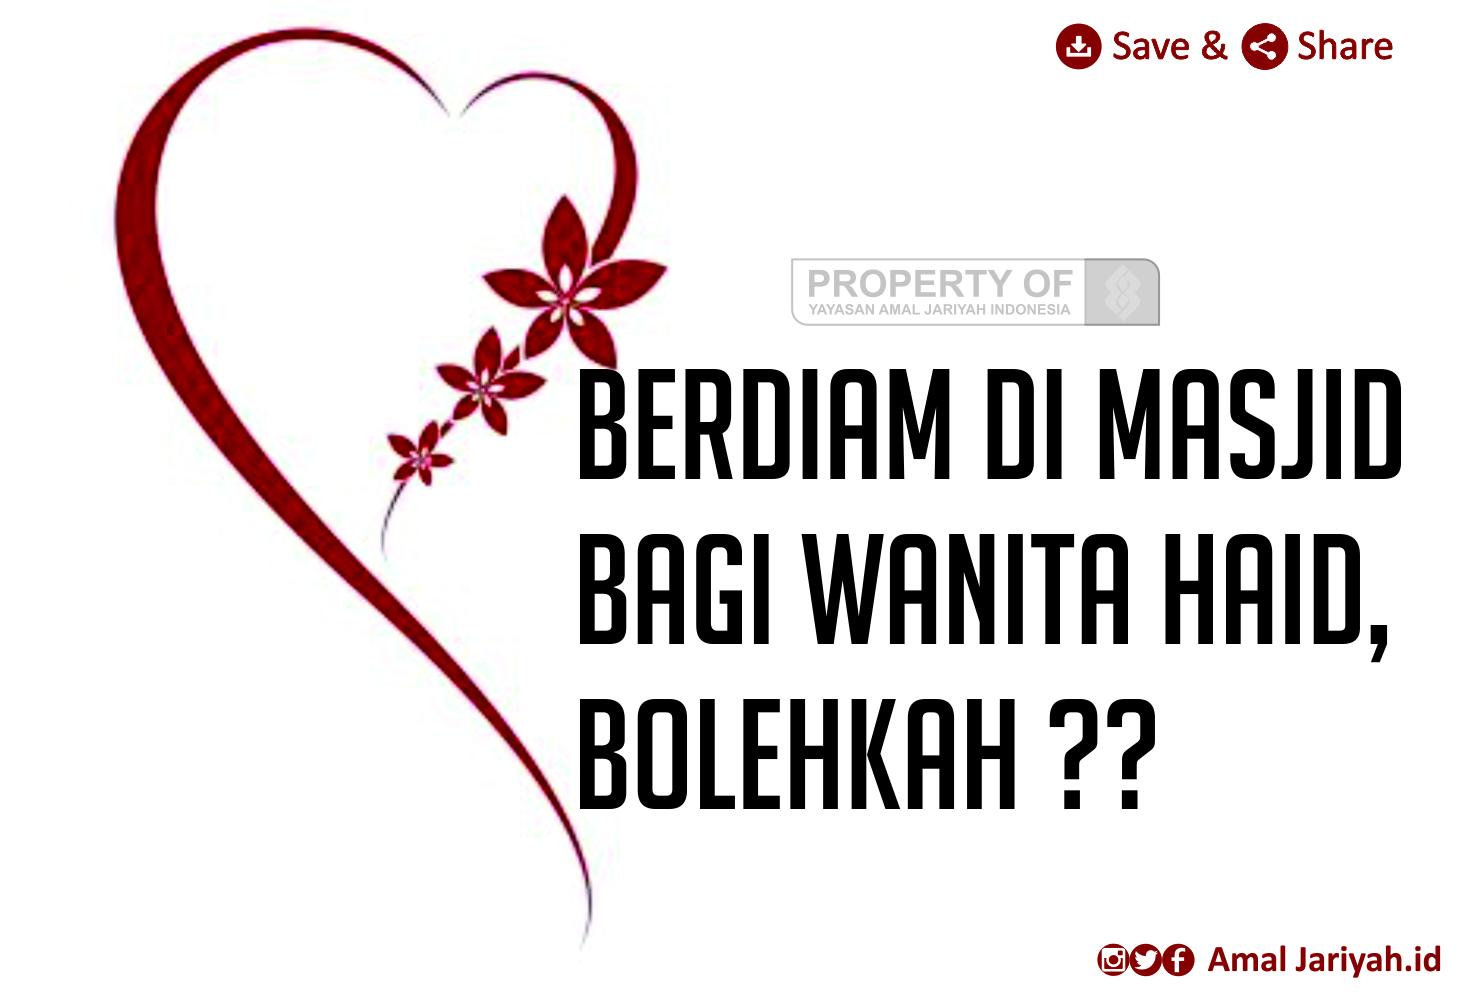 Berdiam Di Masjid Bagi Wanita Haid, Bolehkah ??